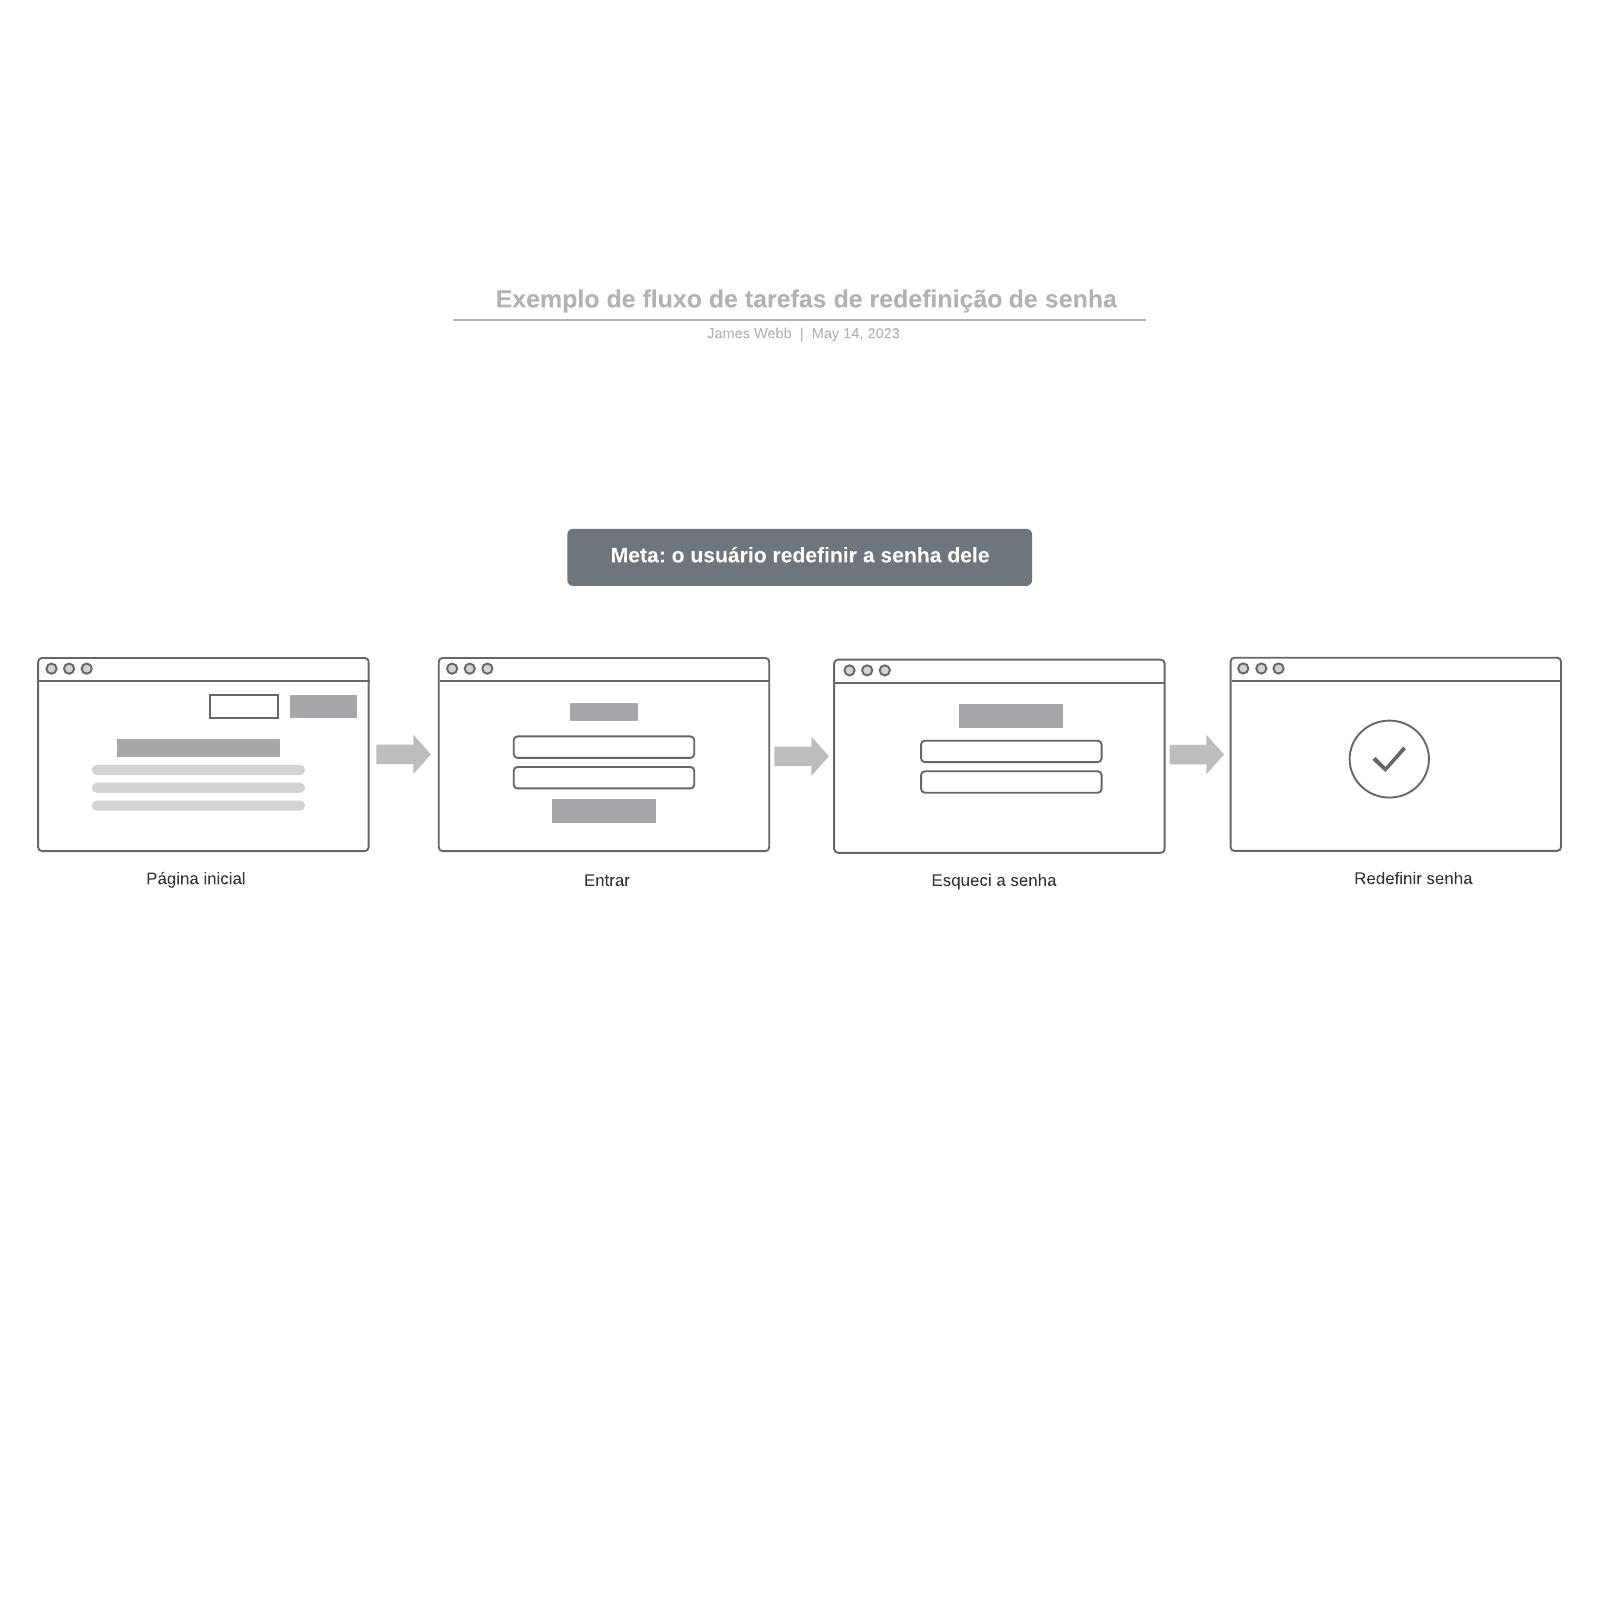 Exemplo de fluxo de tarefas de redefinição de senha